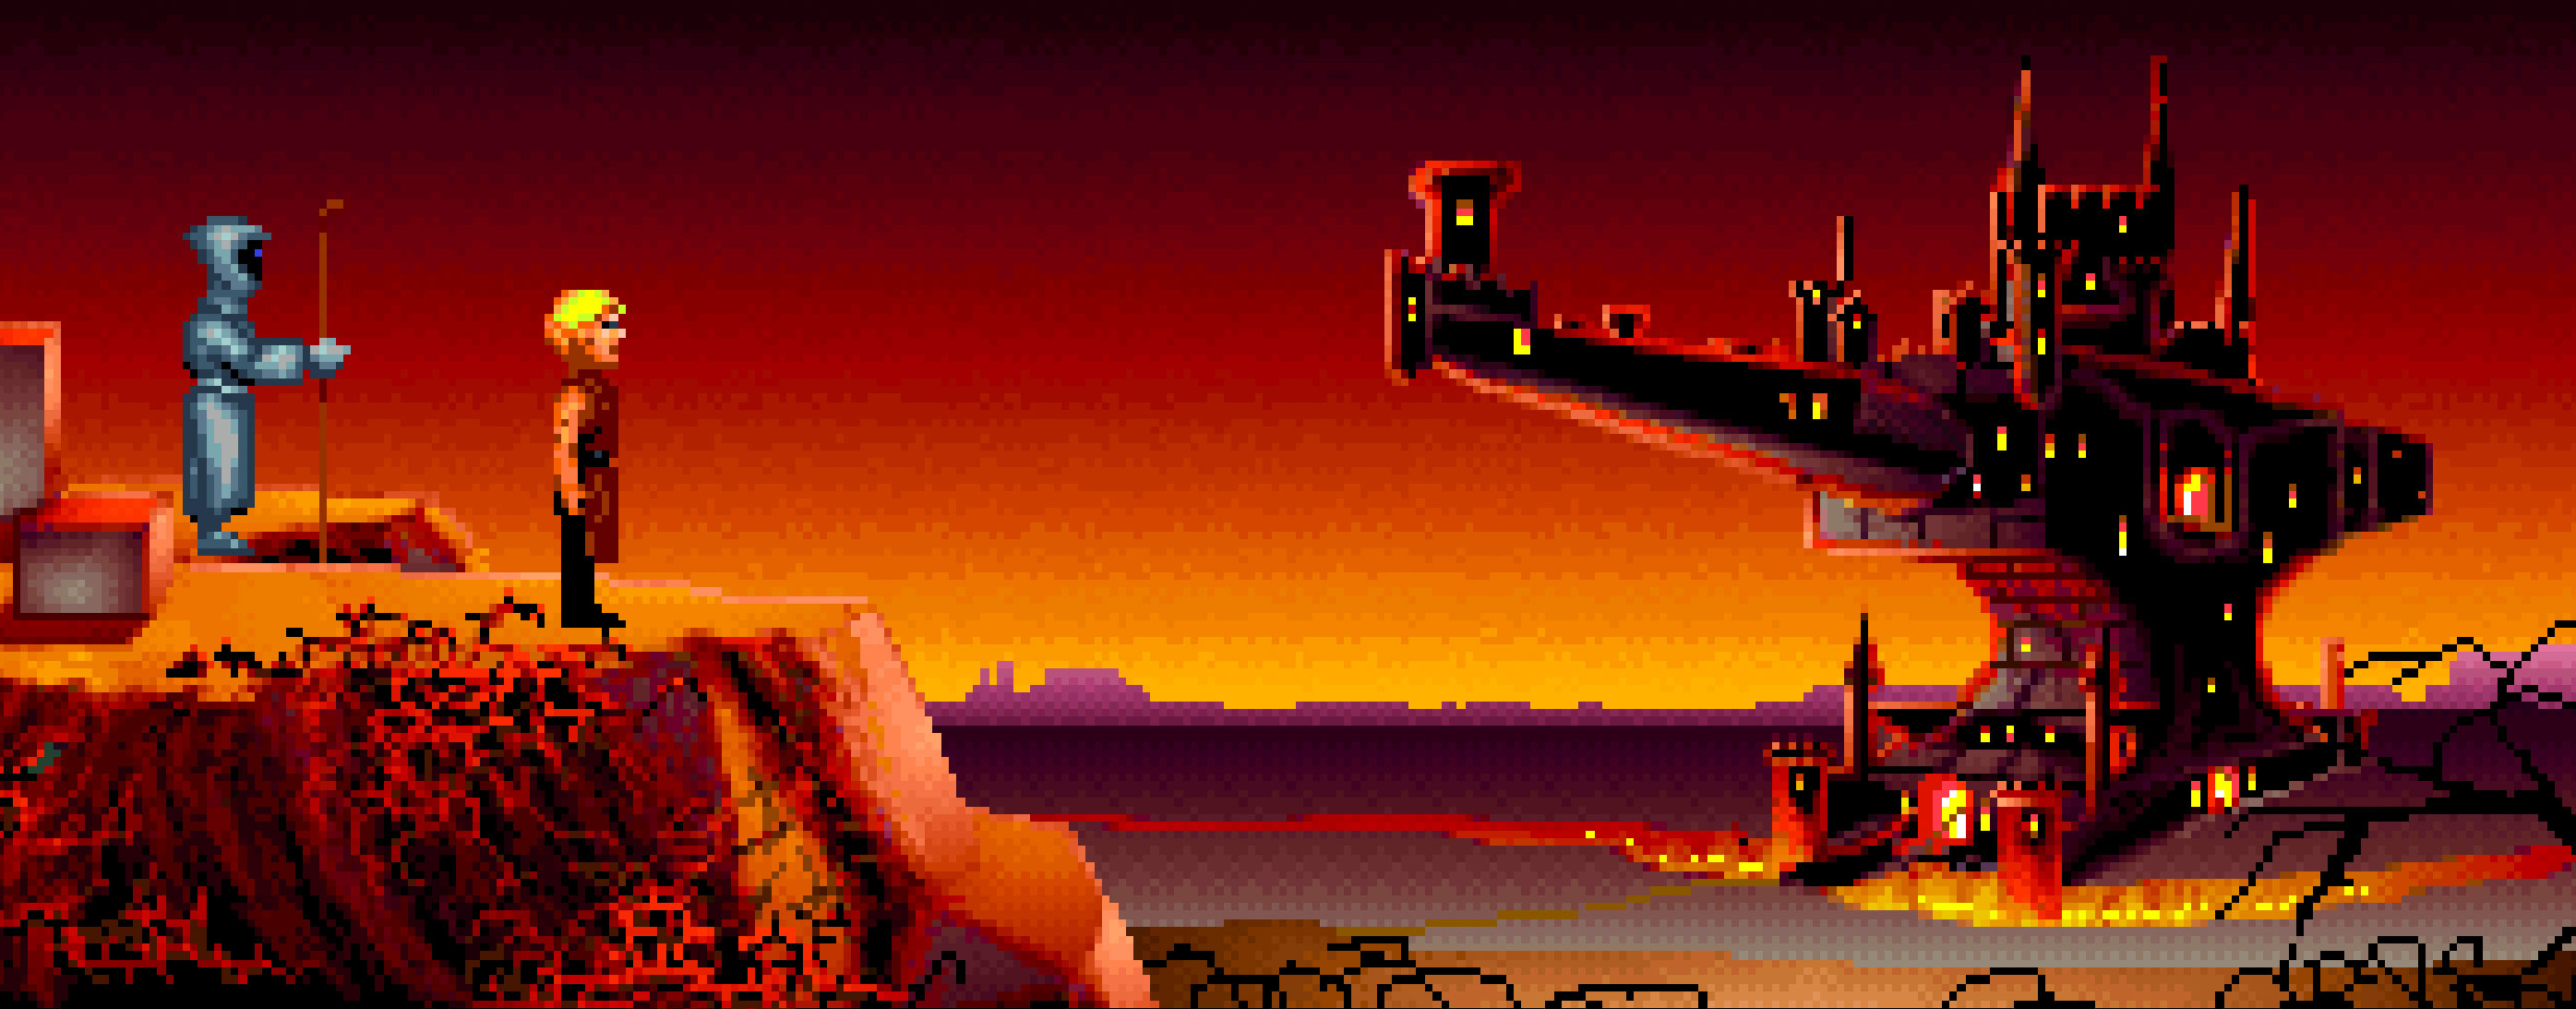 Rusty zeigt mir die Stadt der Schmiedegilde